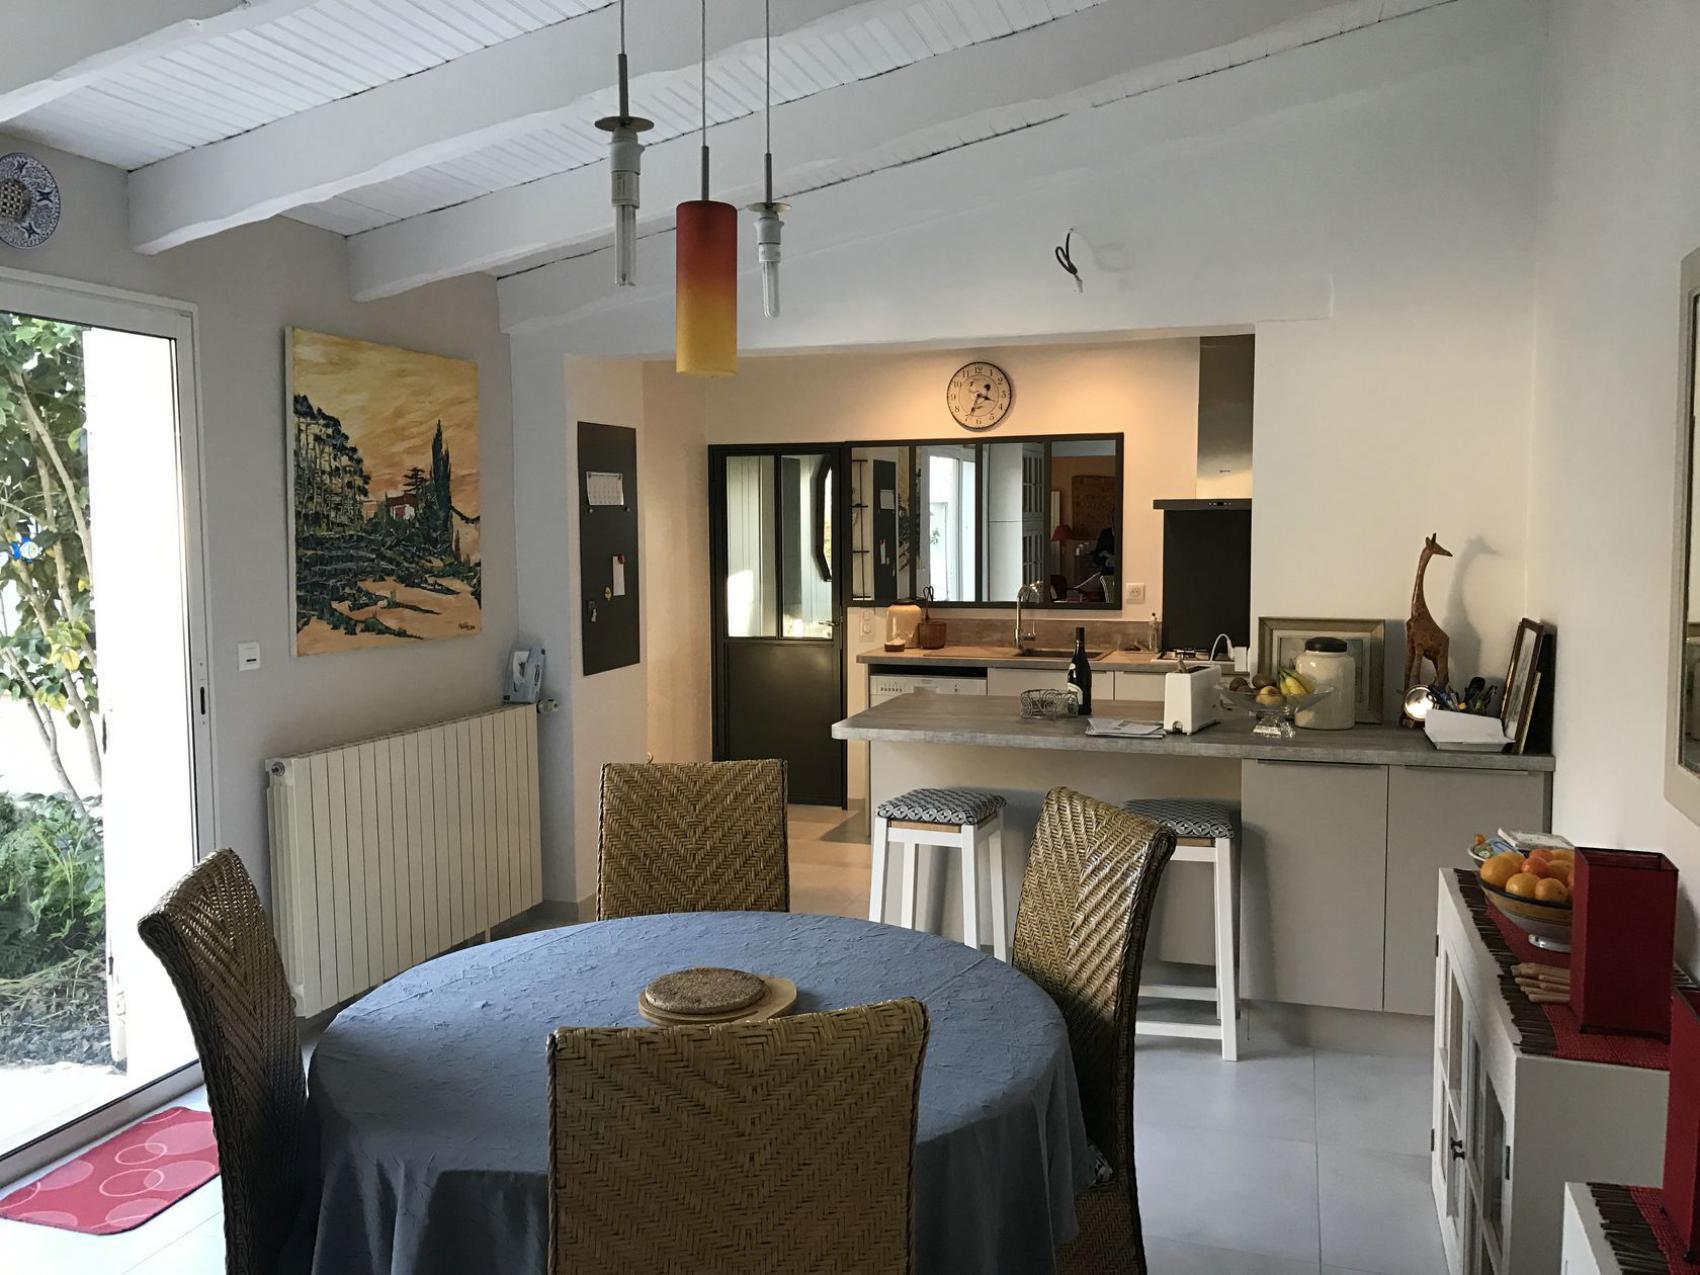 d coration d 39 un s jour cuisine nieul pr s de la rochelle. Black Bedroom Furniture Sets. Home Design Ideas